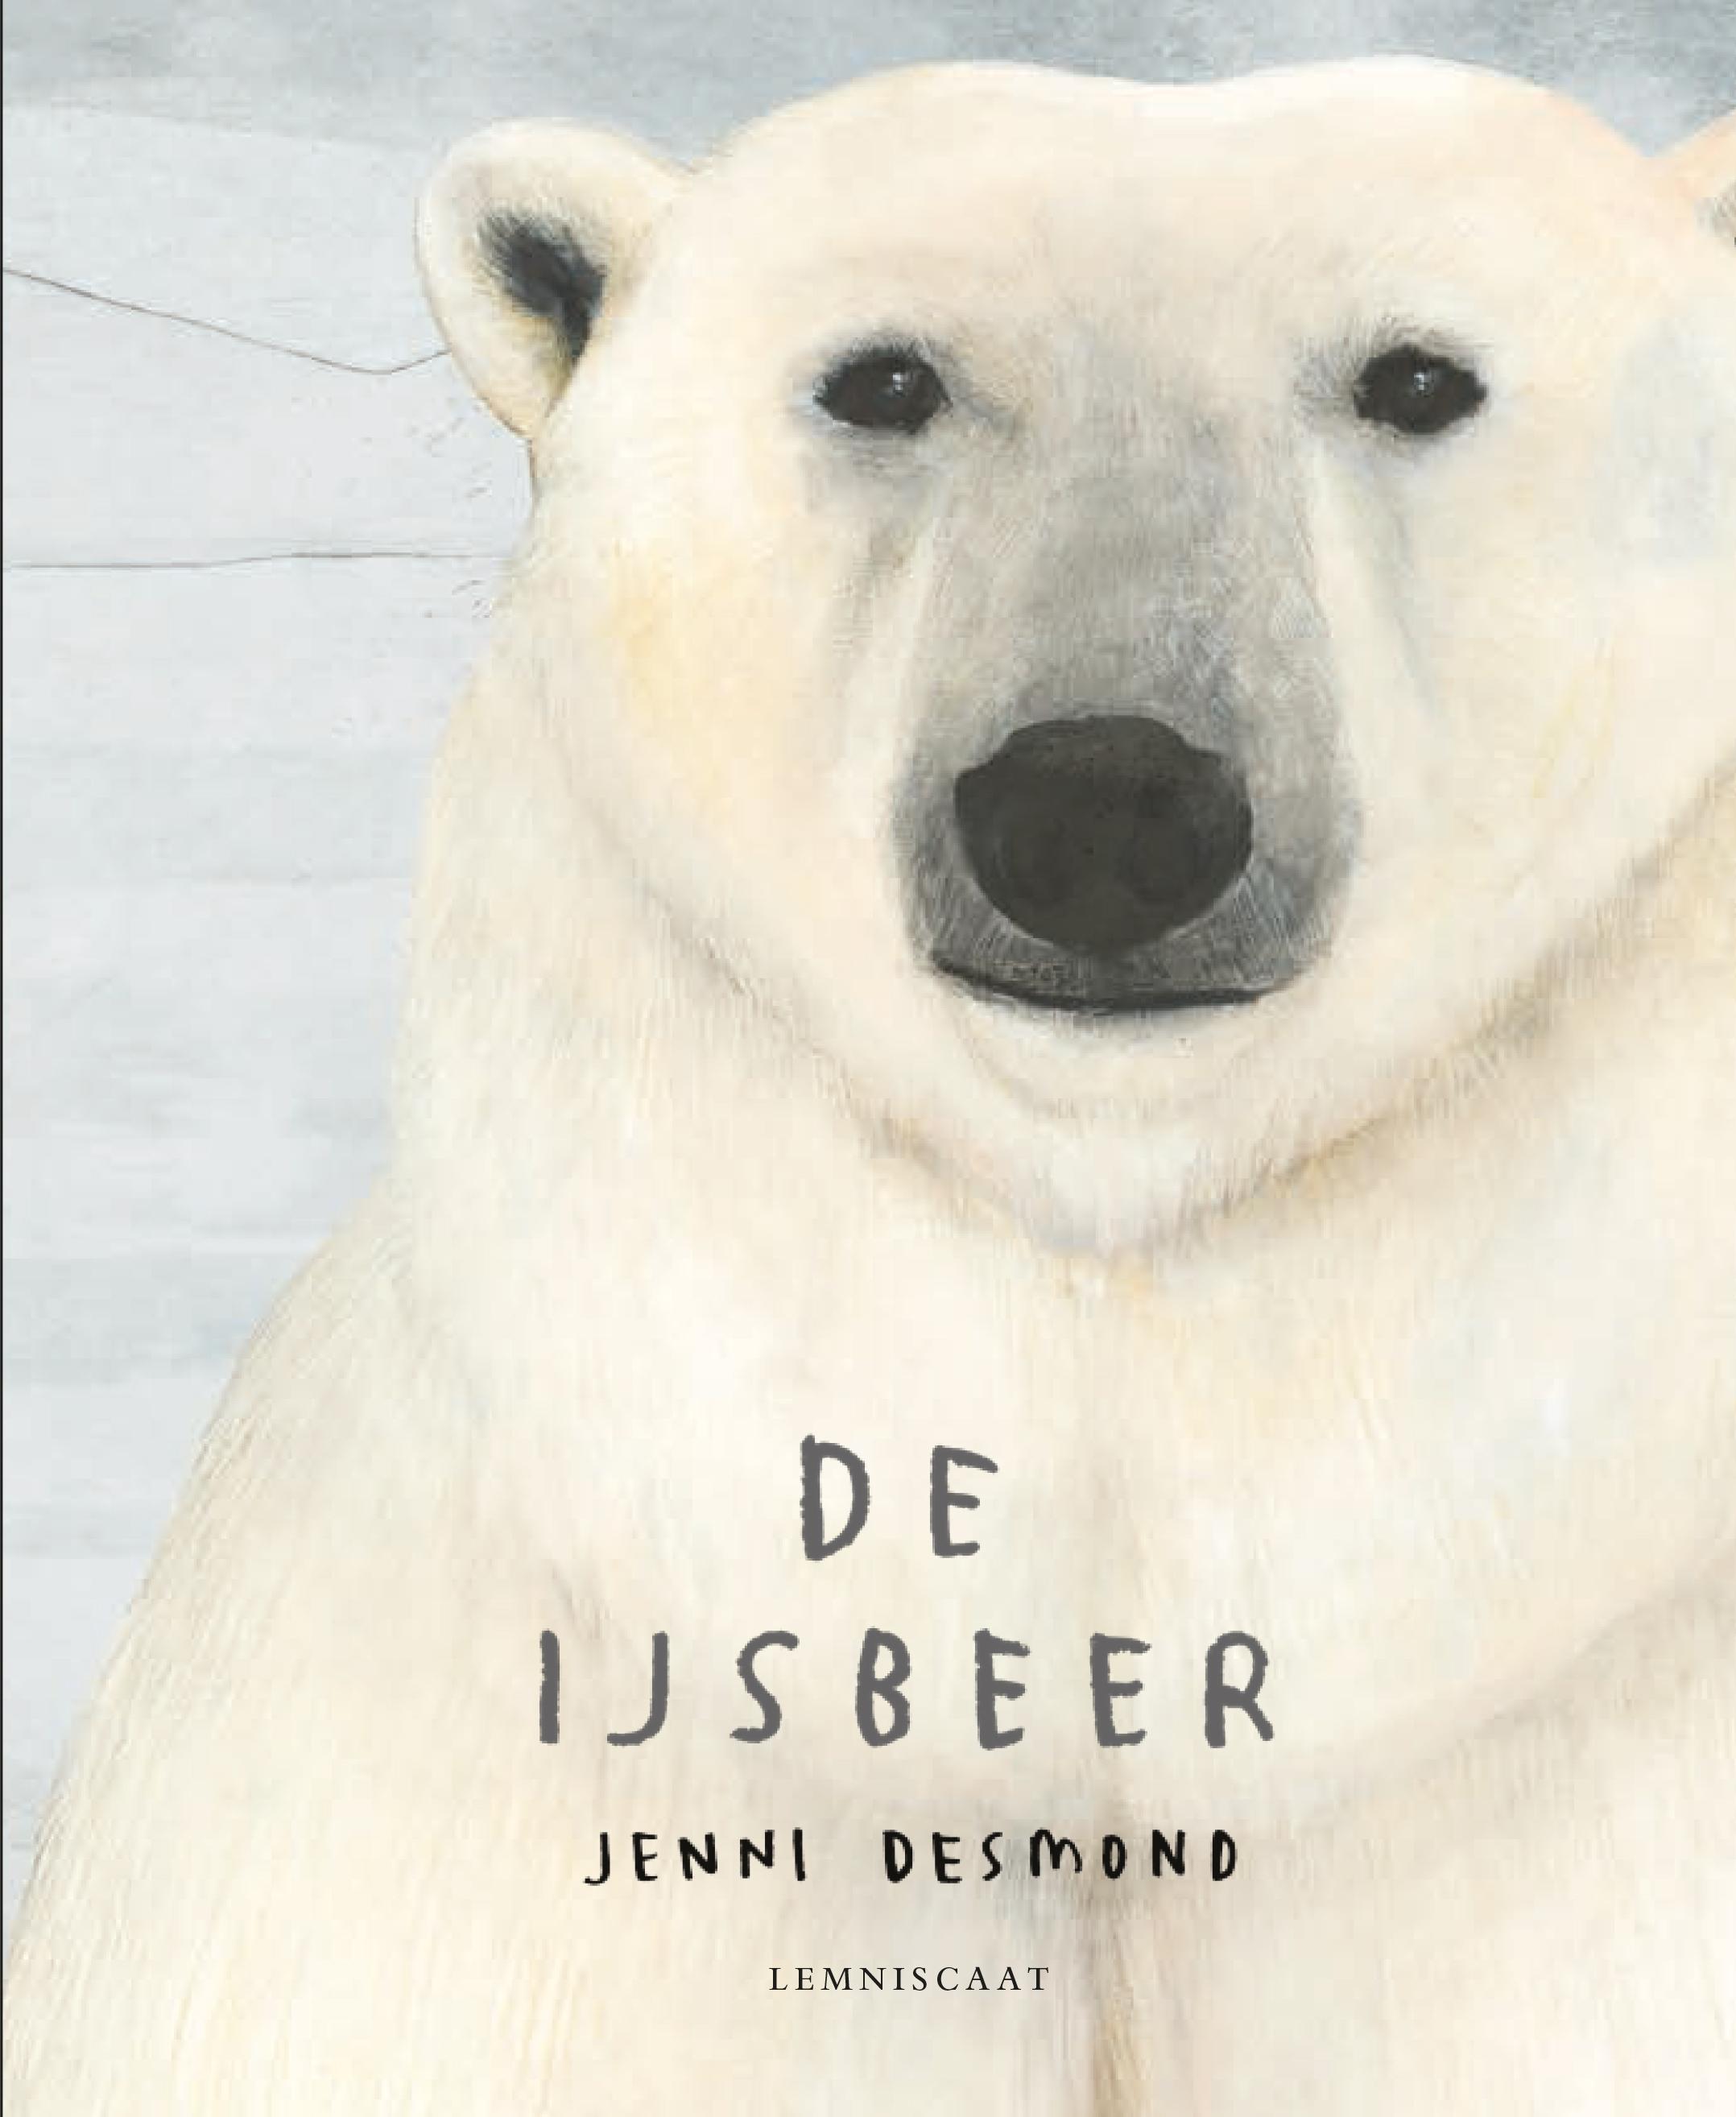 IJsbeer, de Book Cover